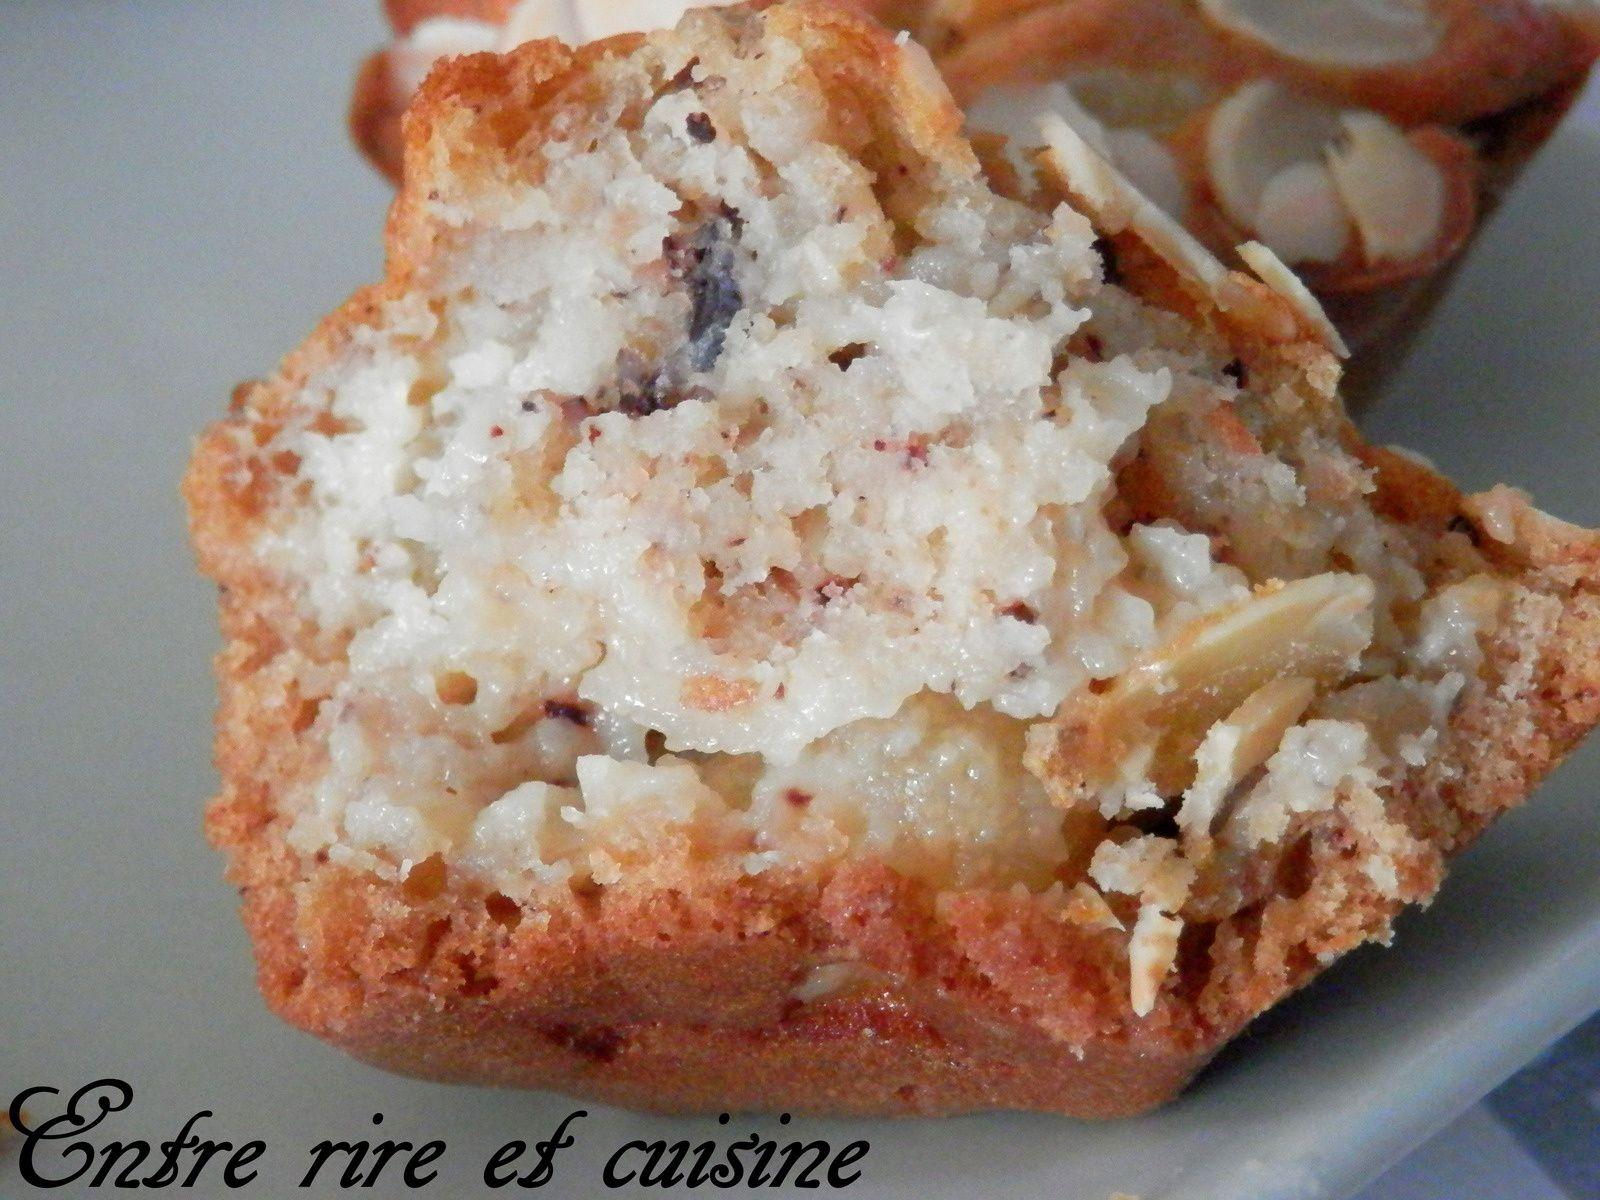 Petits gâteaux moelleux à la noisette et poires/pommes/bananes